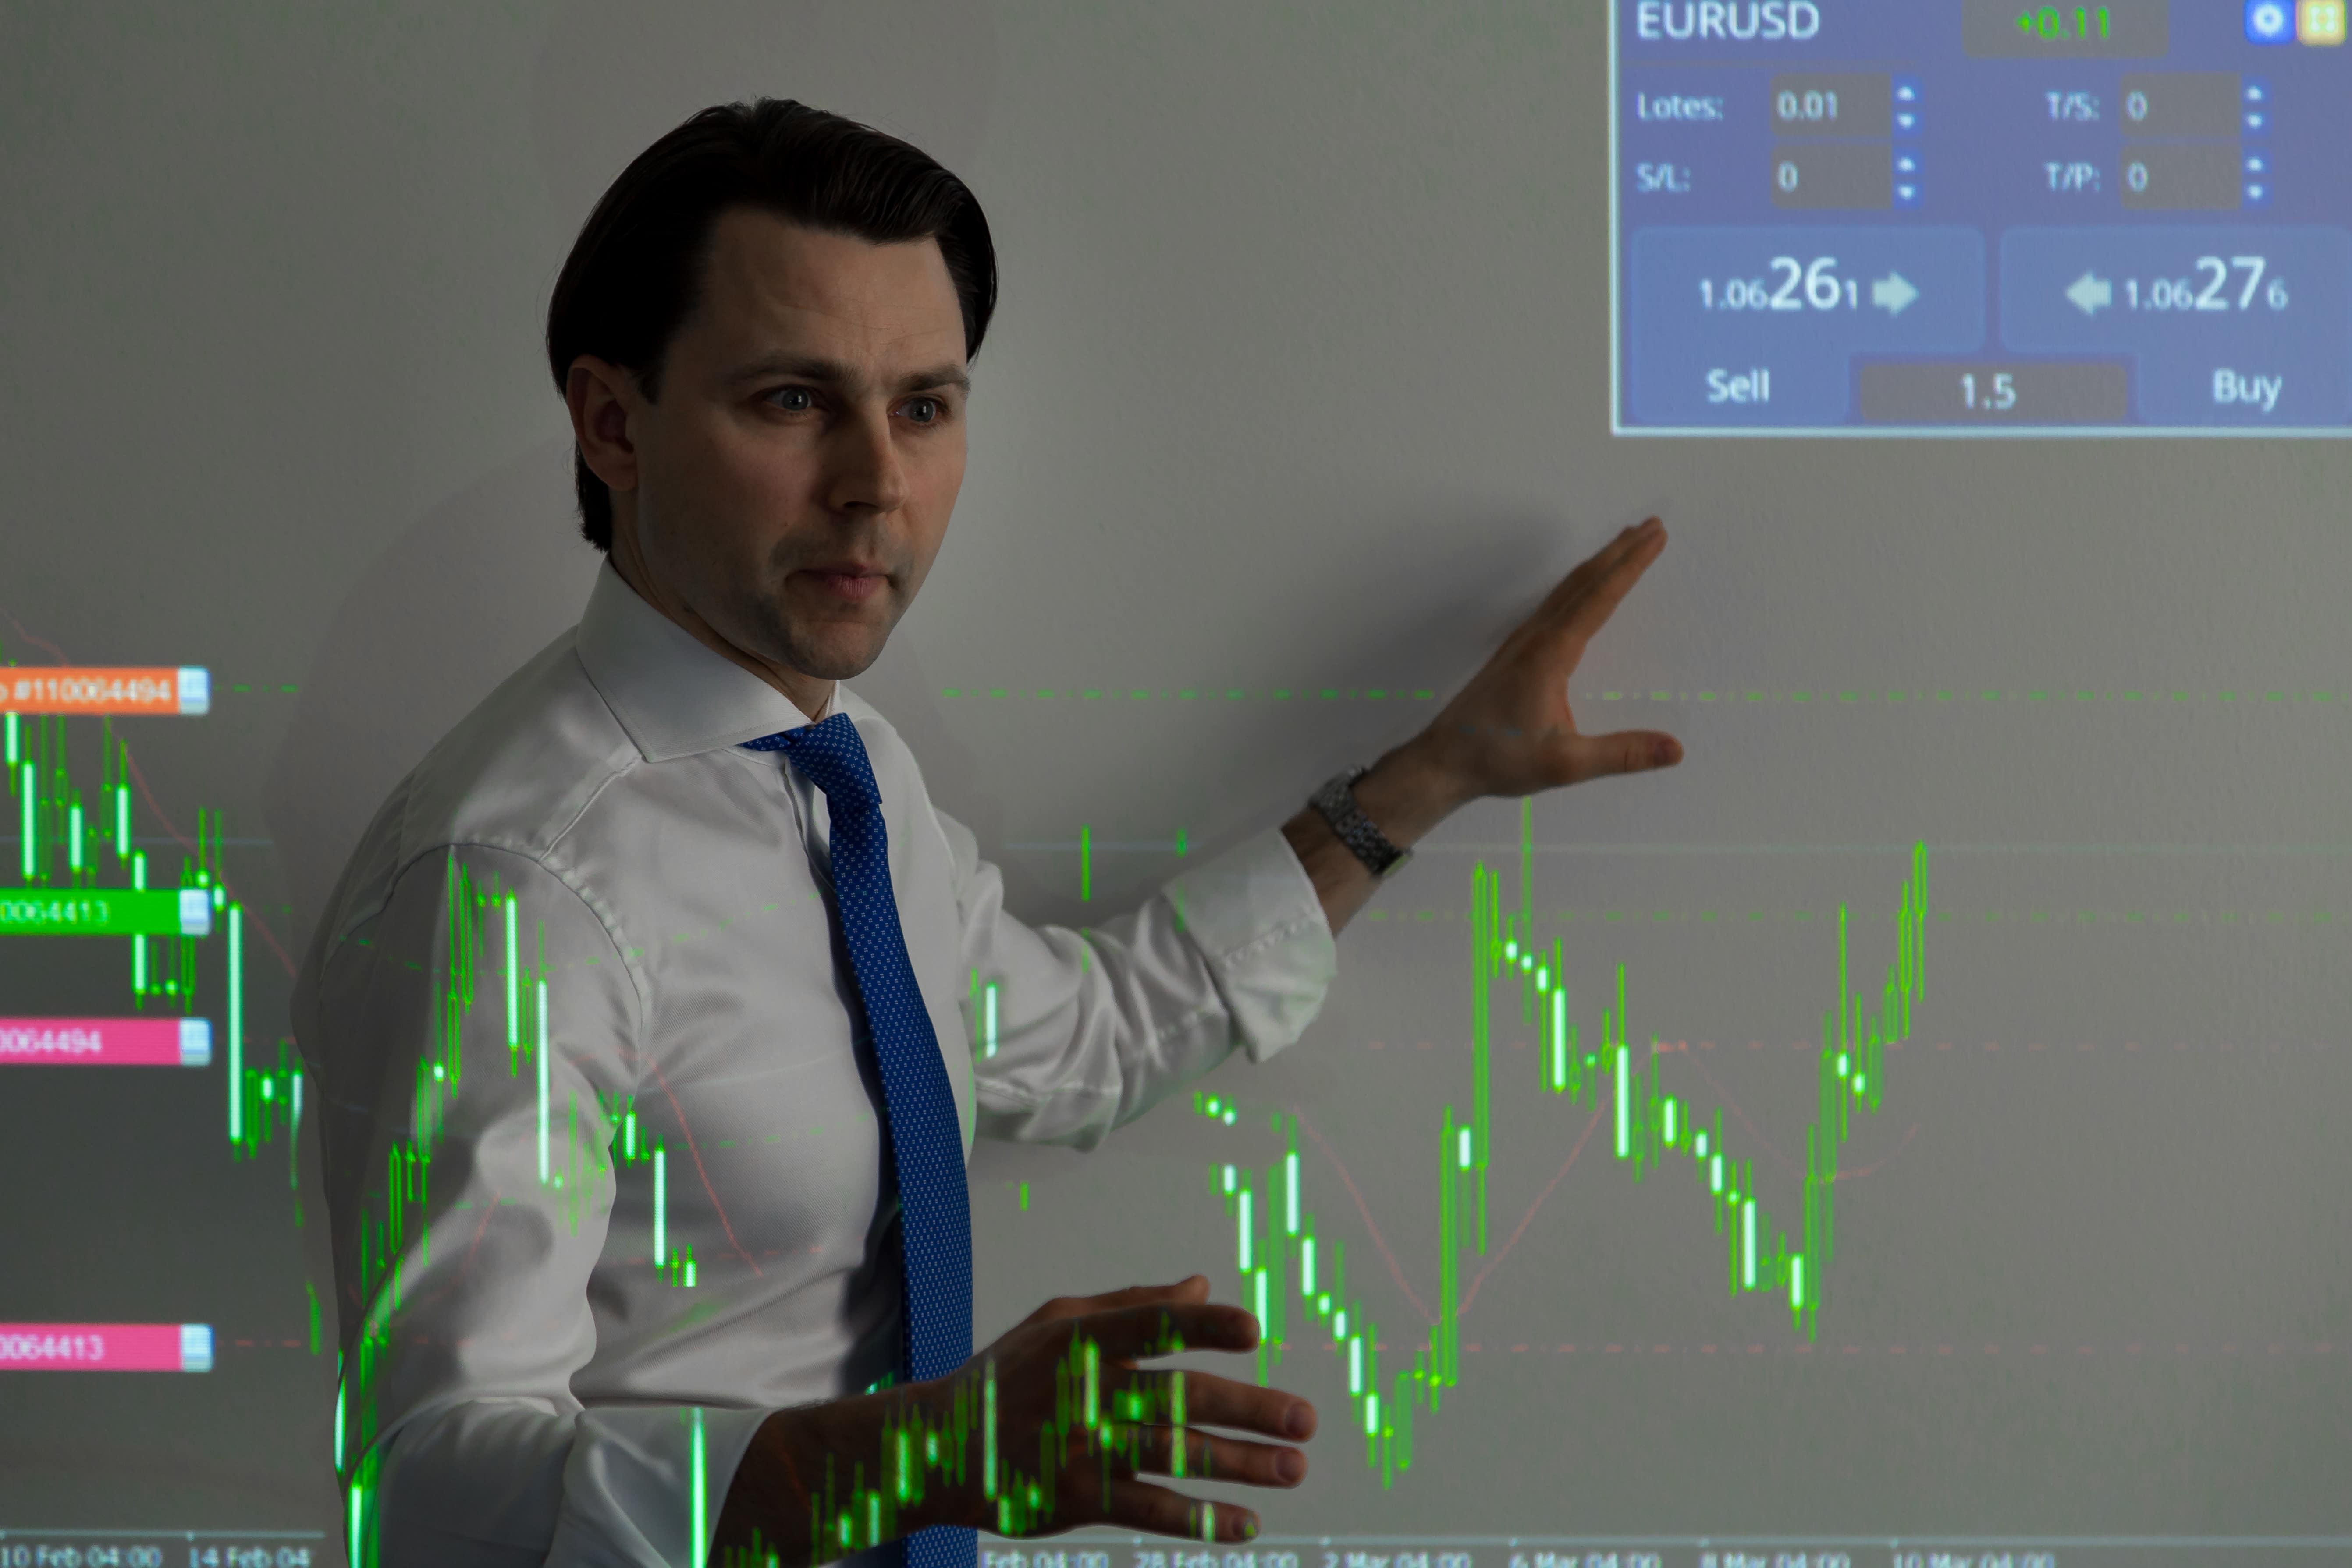 Kako investirati u zlato, forex, američke dionice... (Trodnevna edukacija)